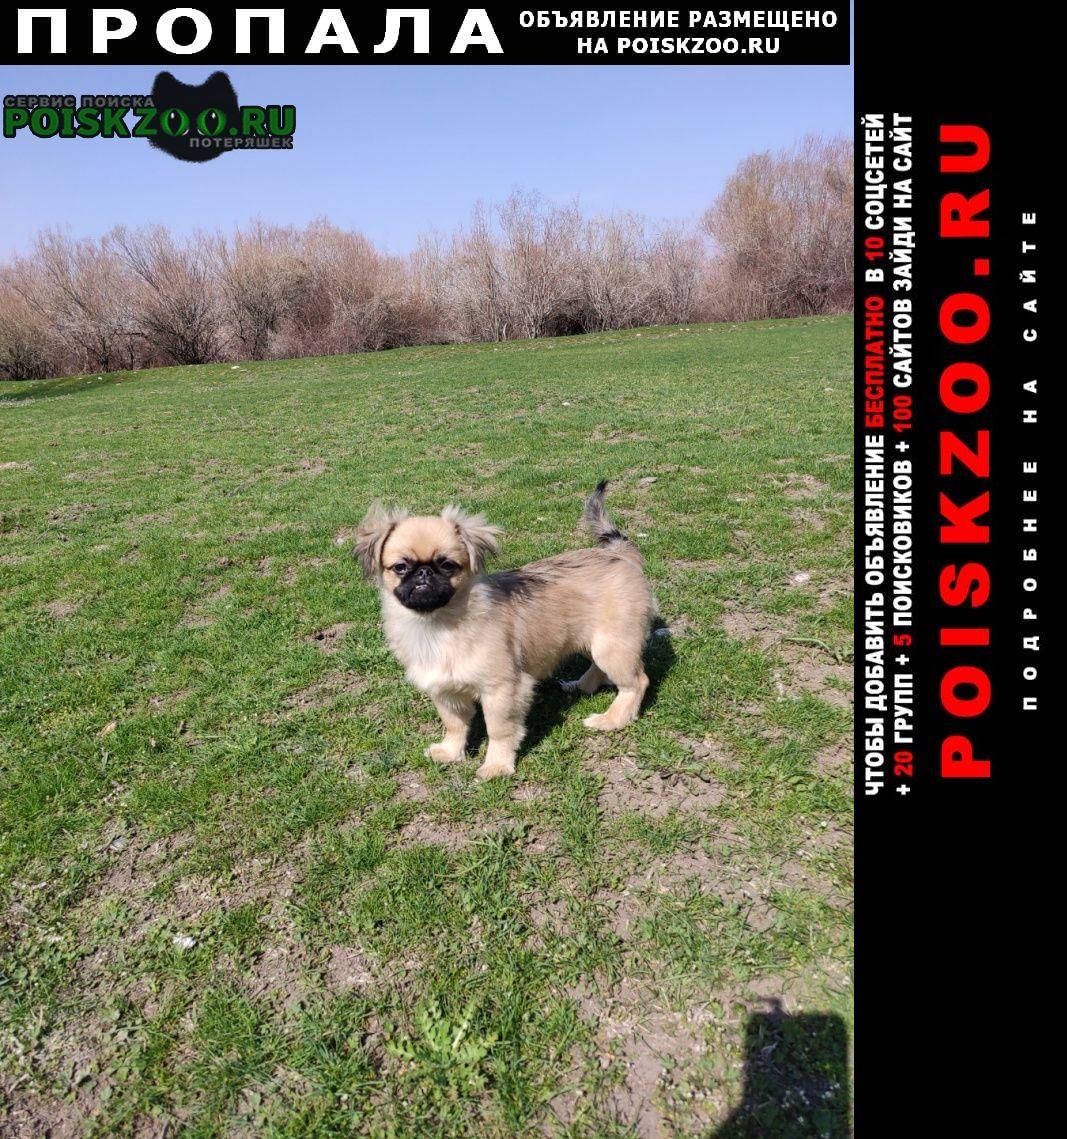 Пропала собака любимая игрушка Шымкент (Чимкент)